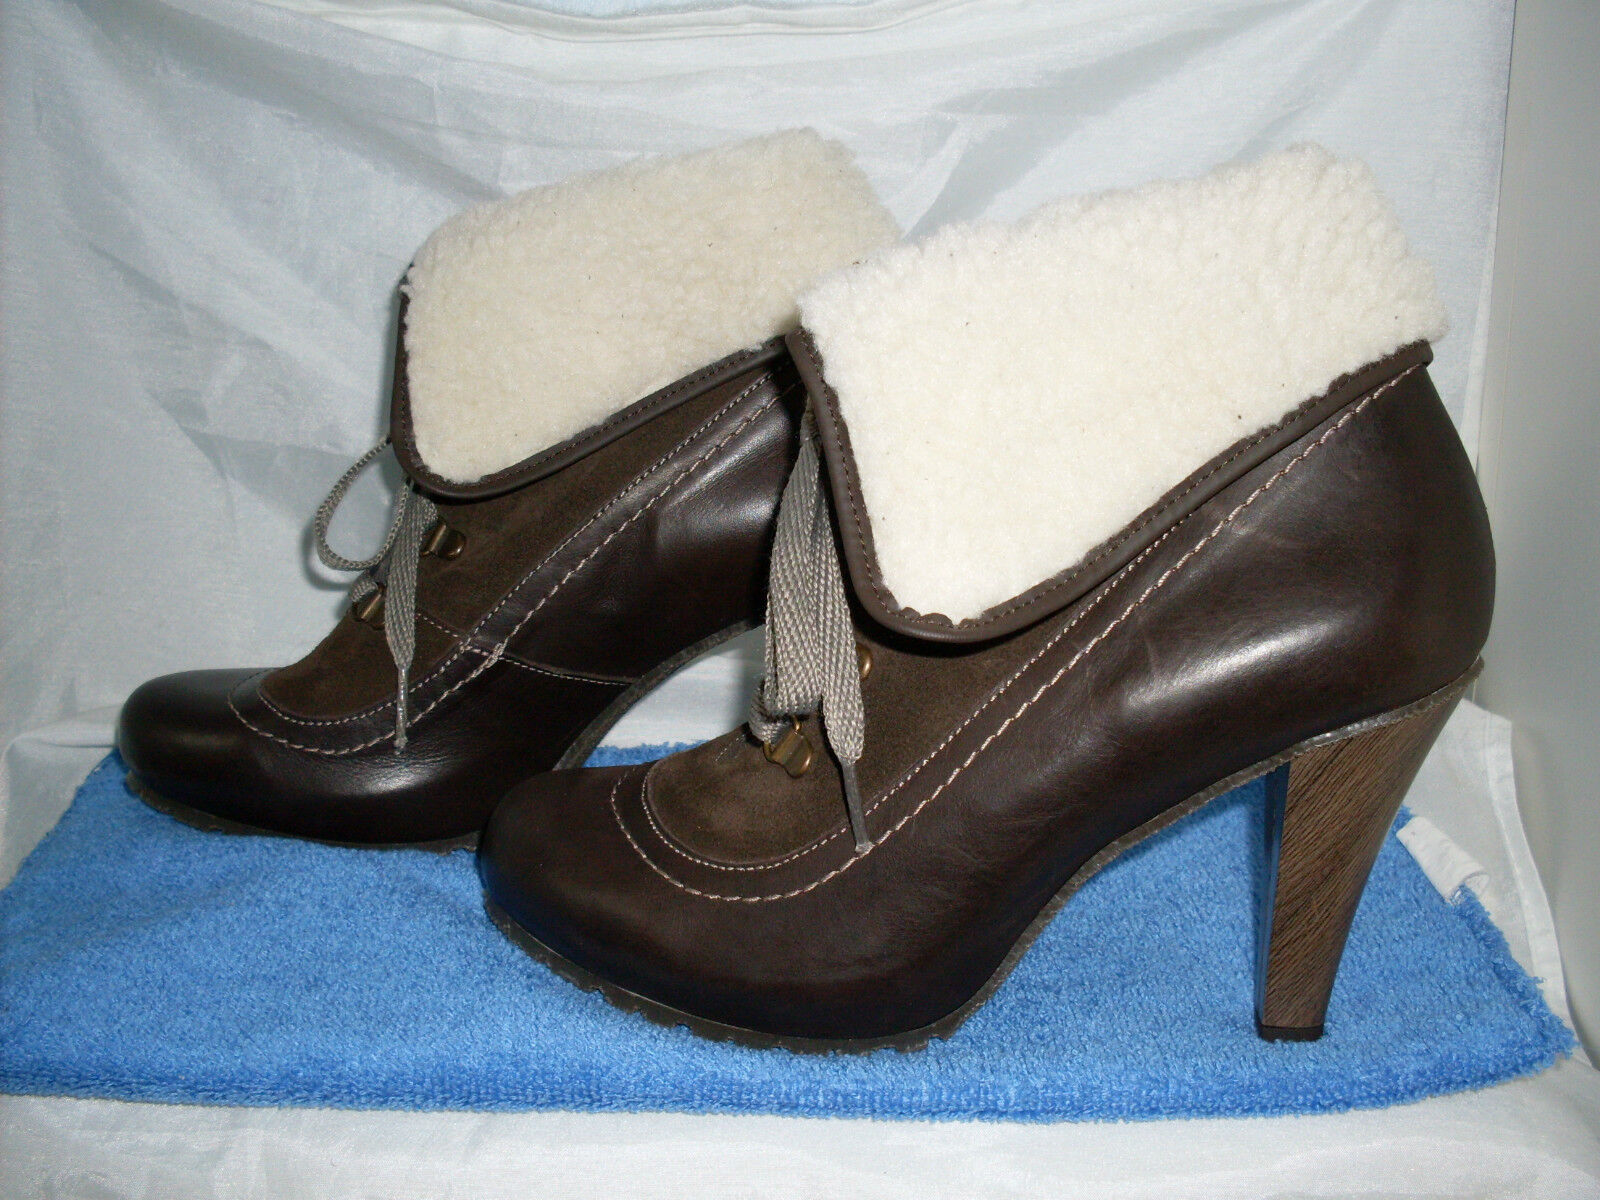 Ankleboot Designer botín marrón nuevo talla 41 en marrón botín & cuero necesariamente prestigio 025148